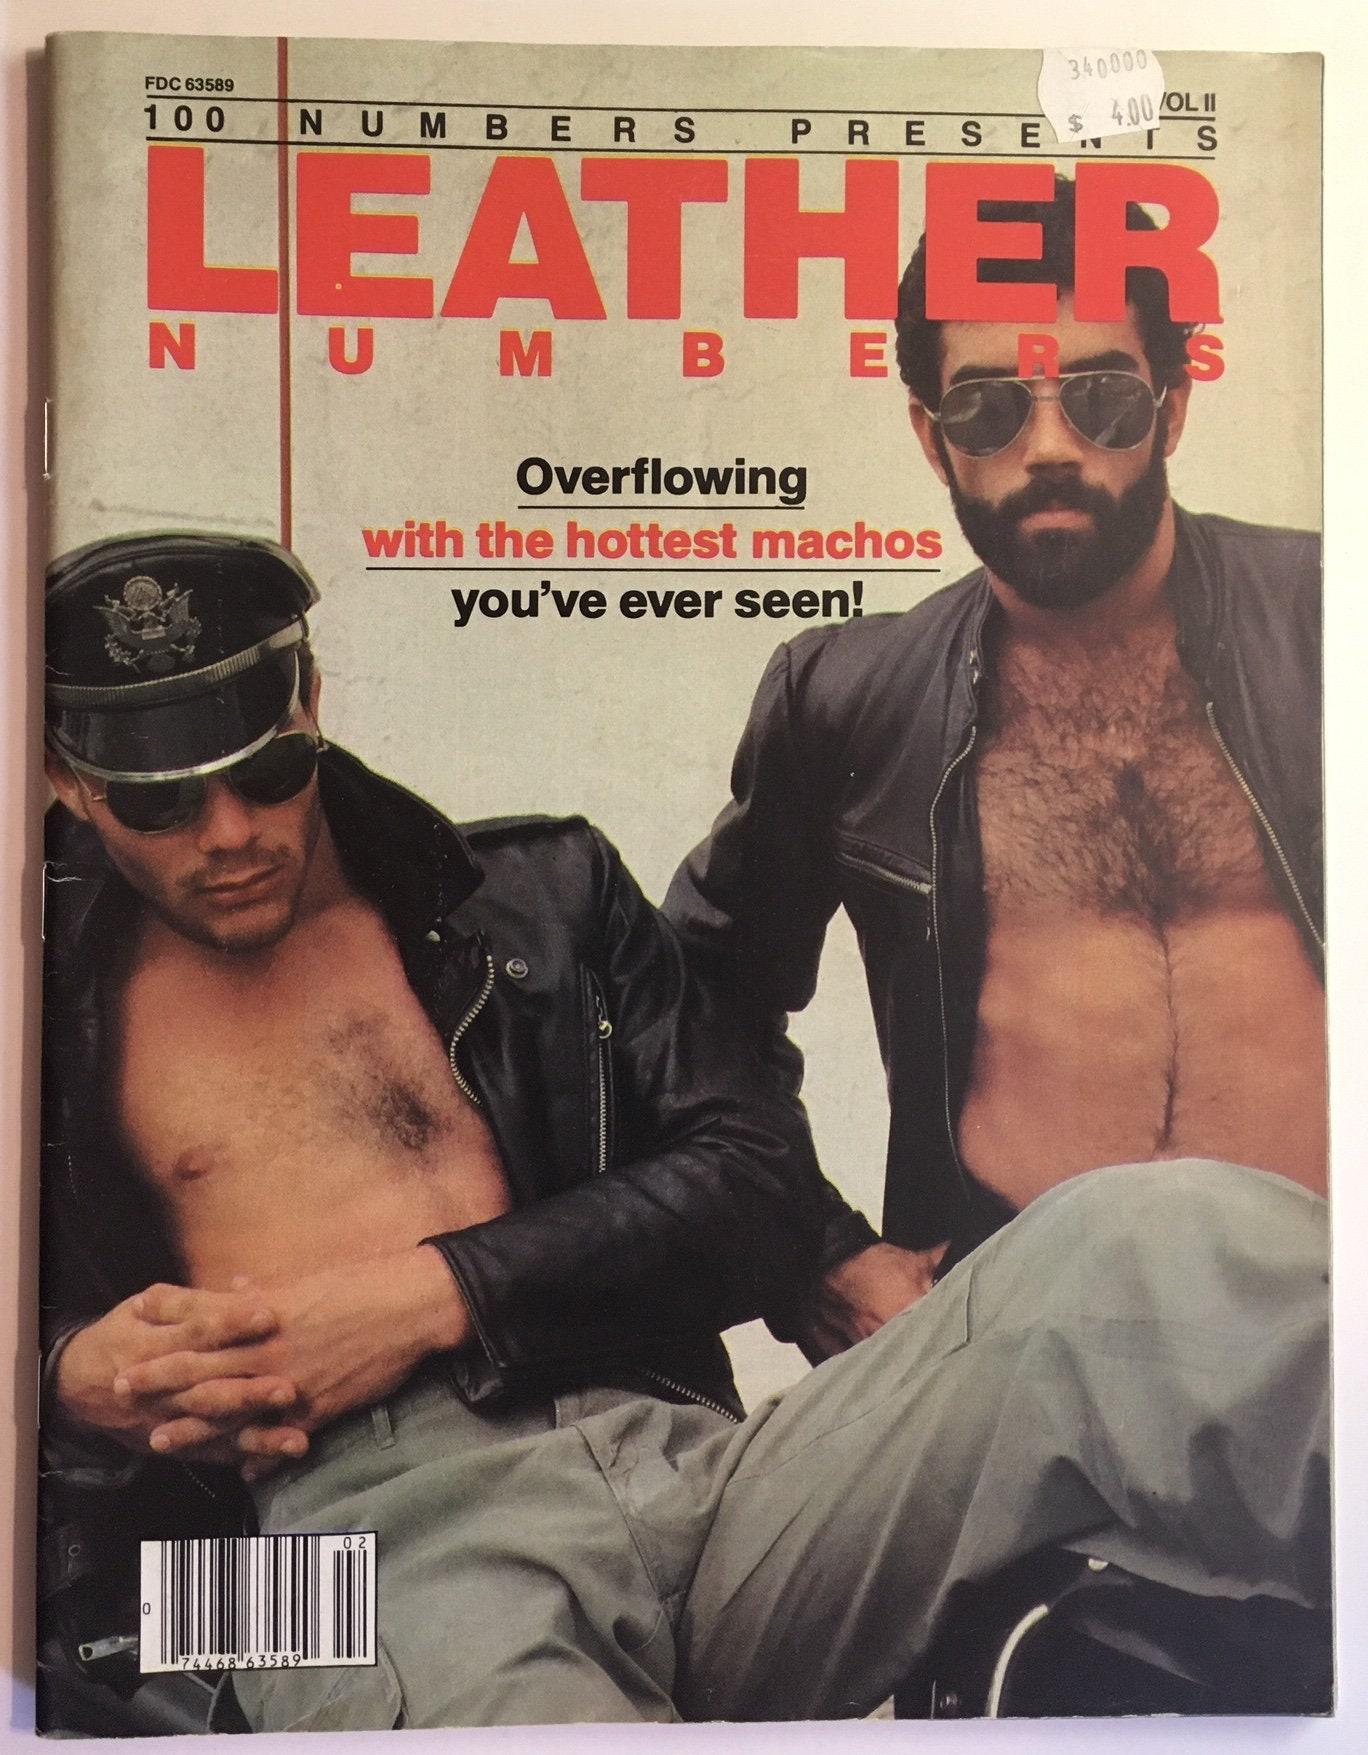 Vintage Gay Magazin. Ledernummern Vol 1 No 2 Sommer 1980